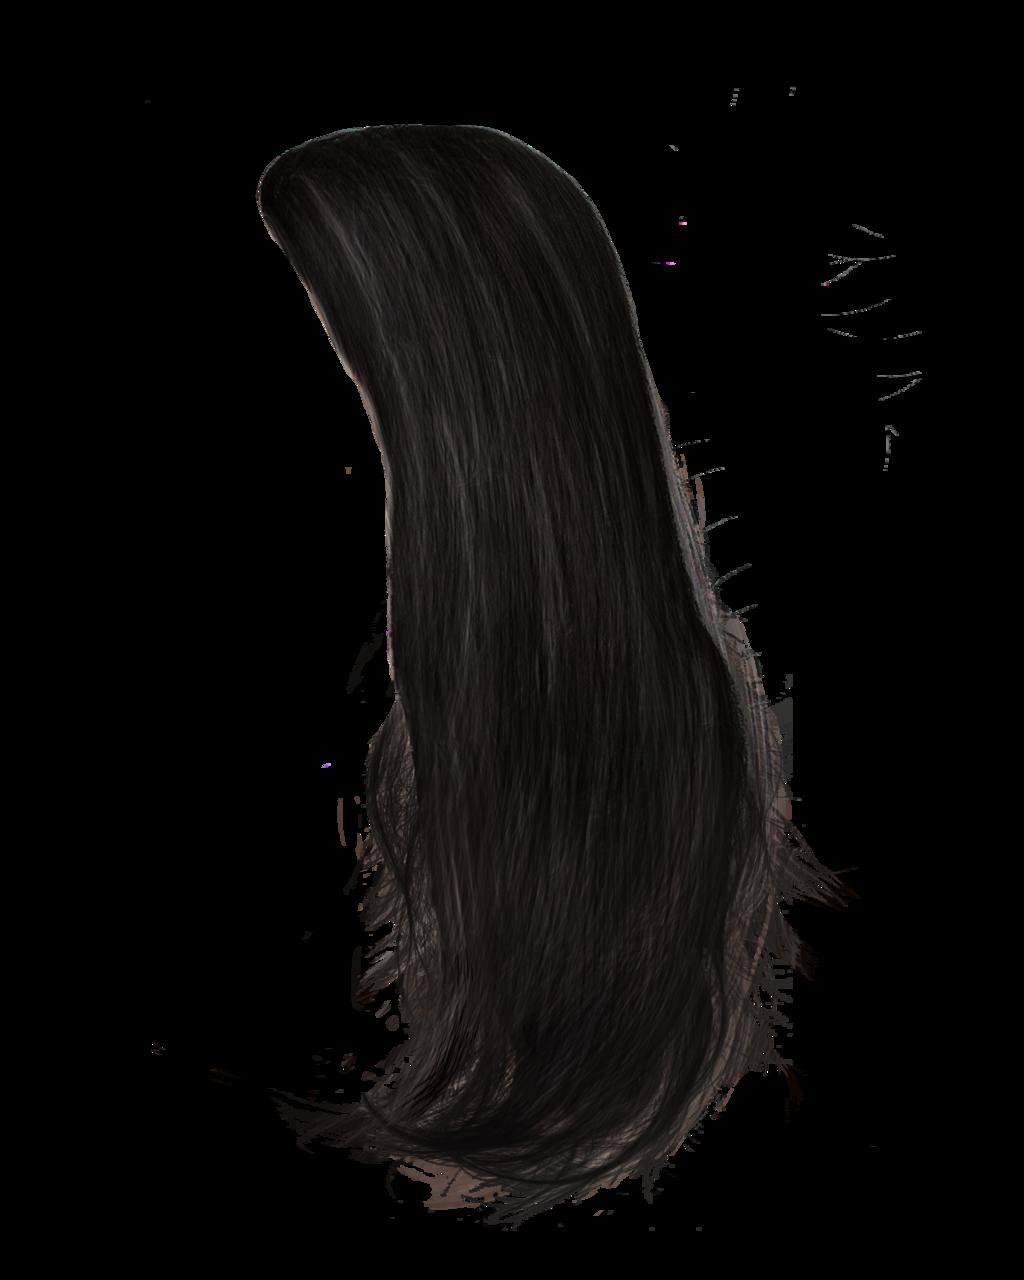 Download PNG image - Hair Png 11 - Elvis Hair PNG